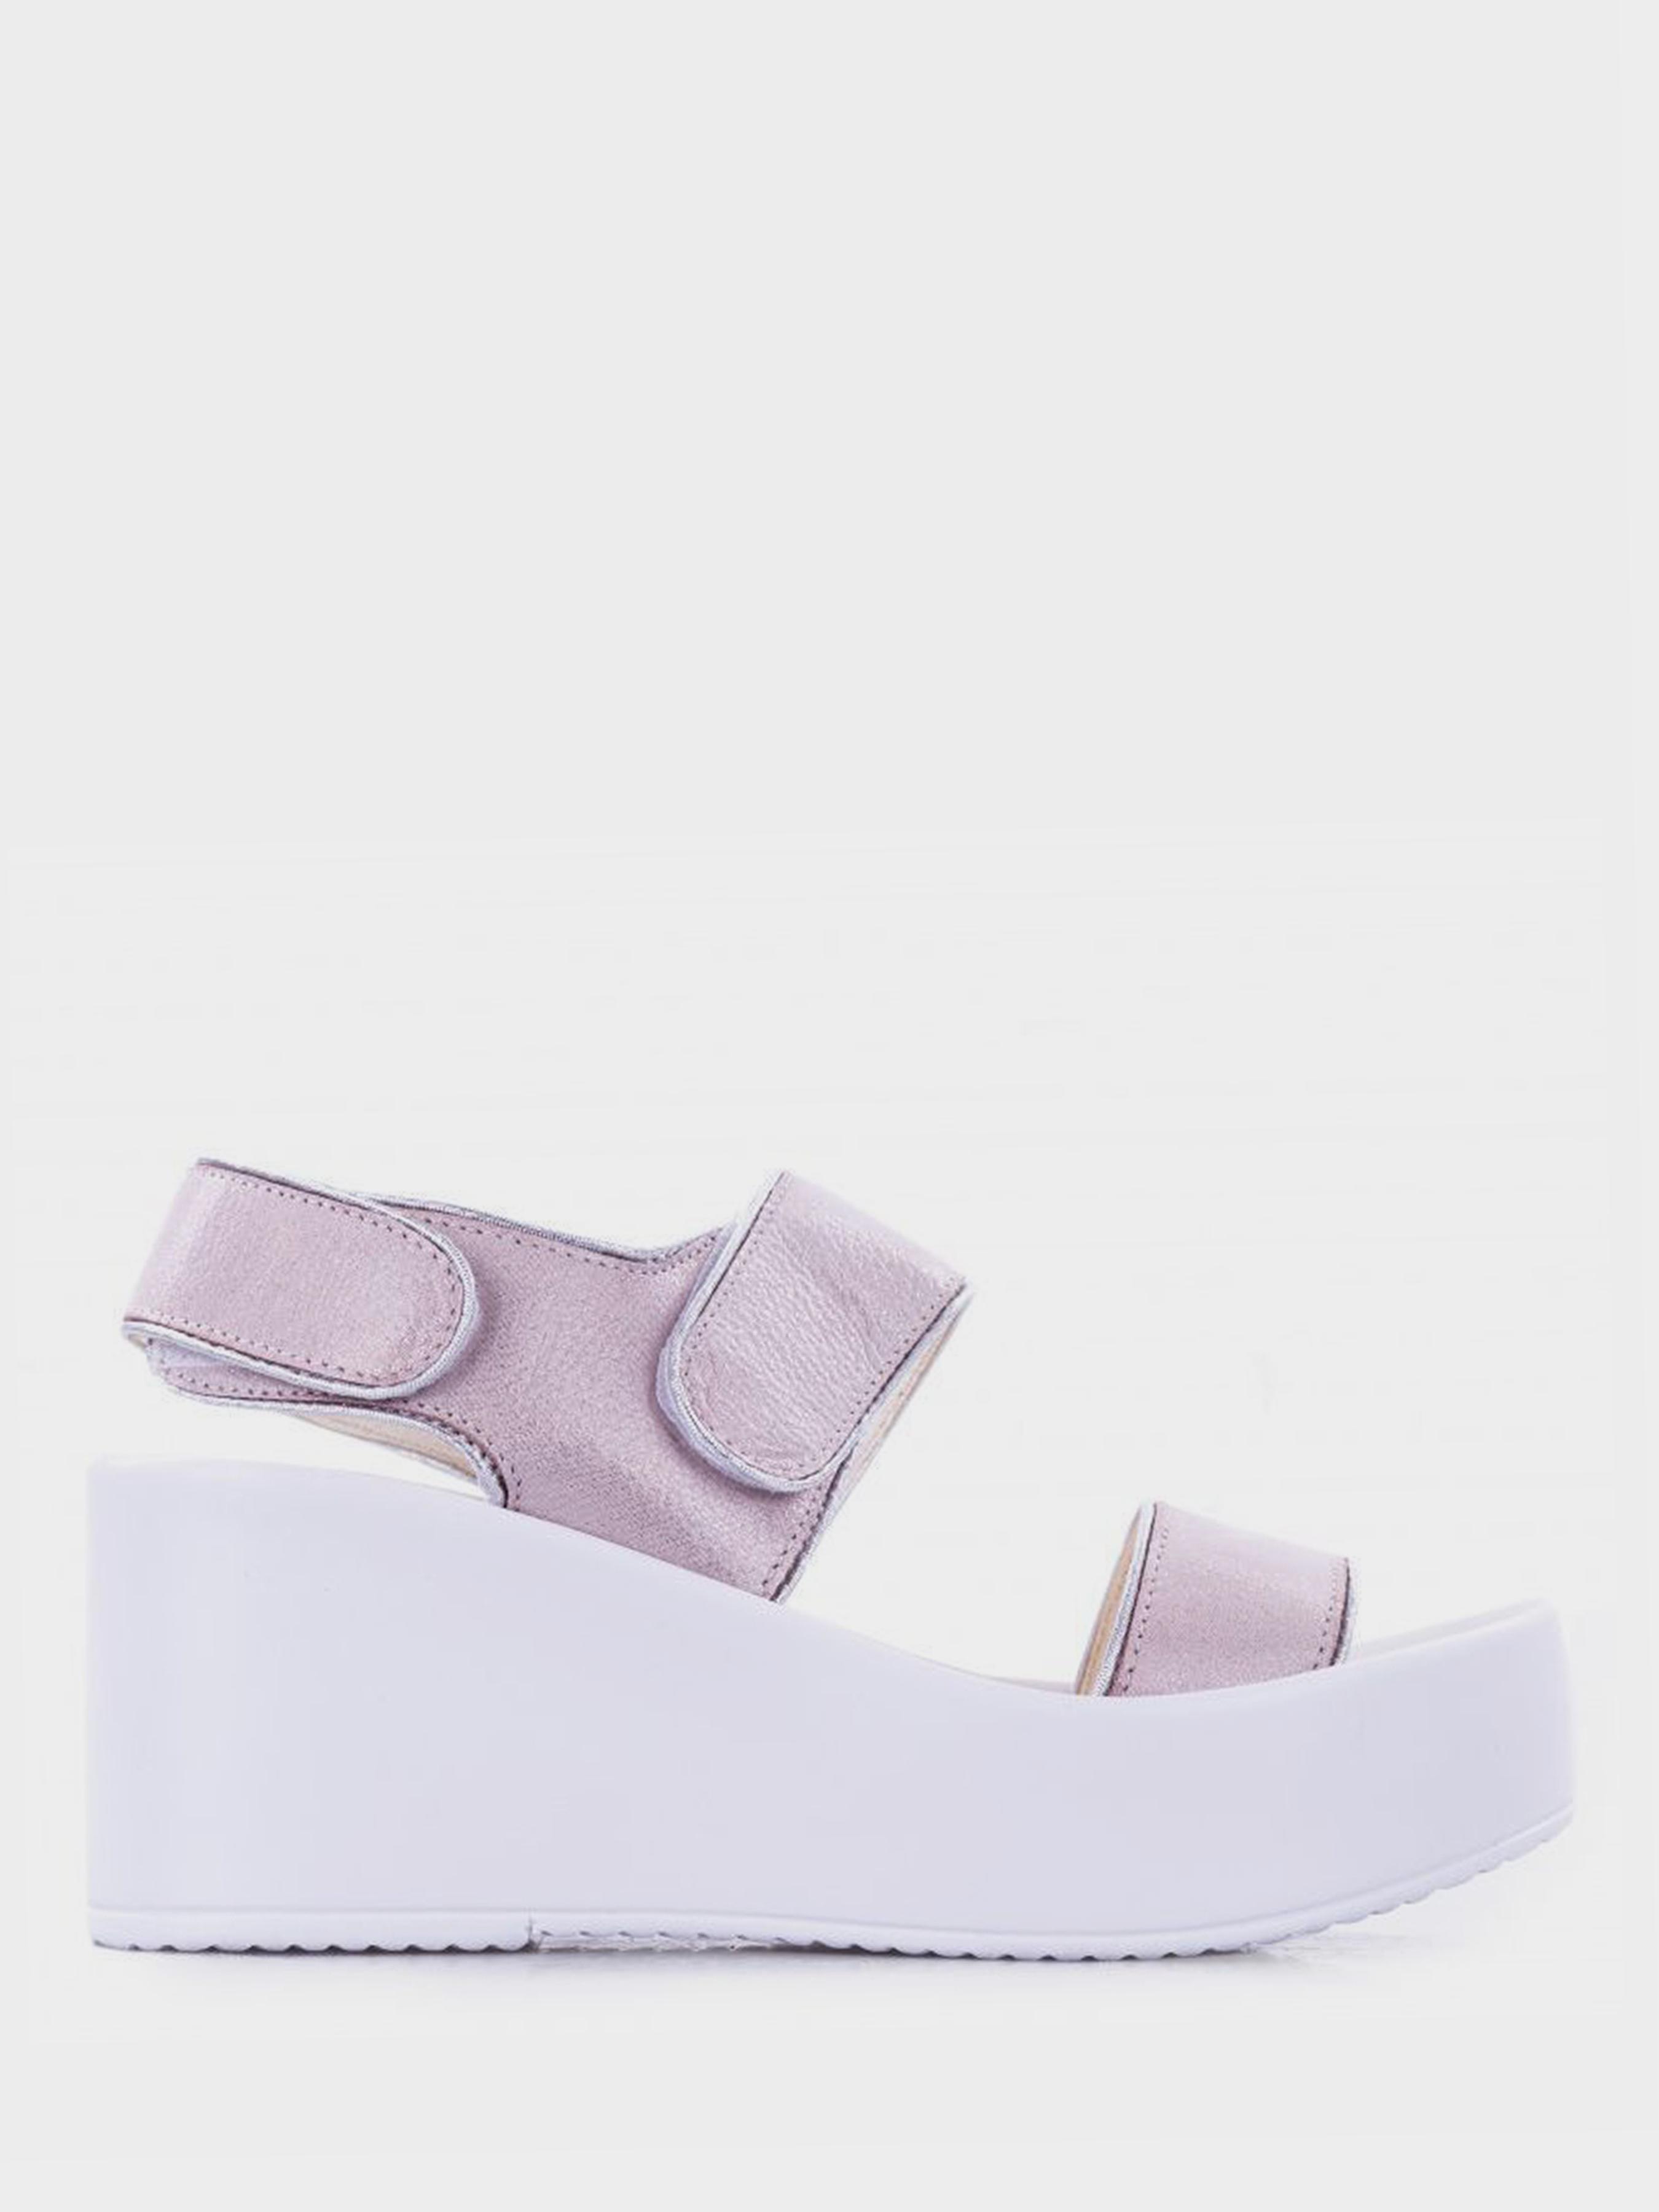 Купить Босоножки женские AURA SHOES 6Q2, Розовый